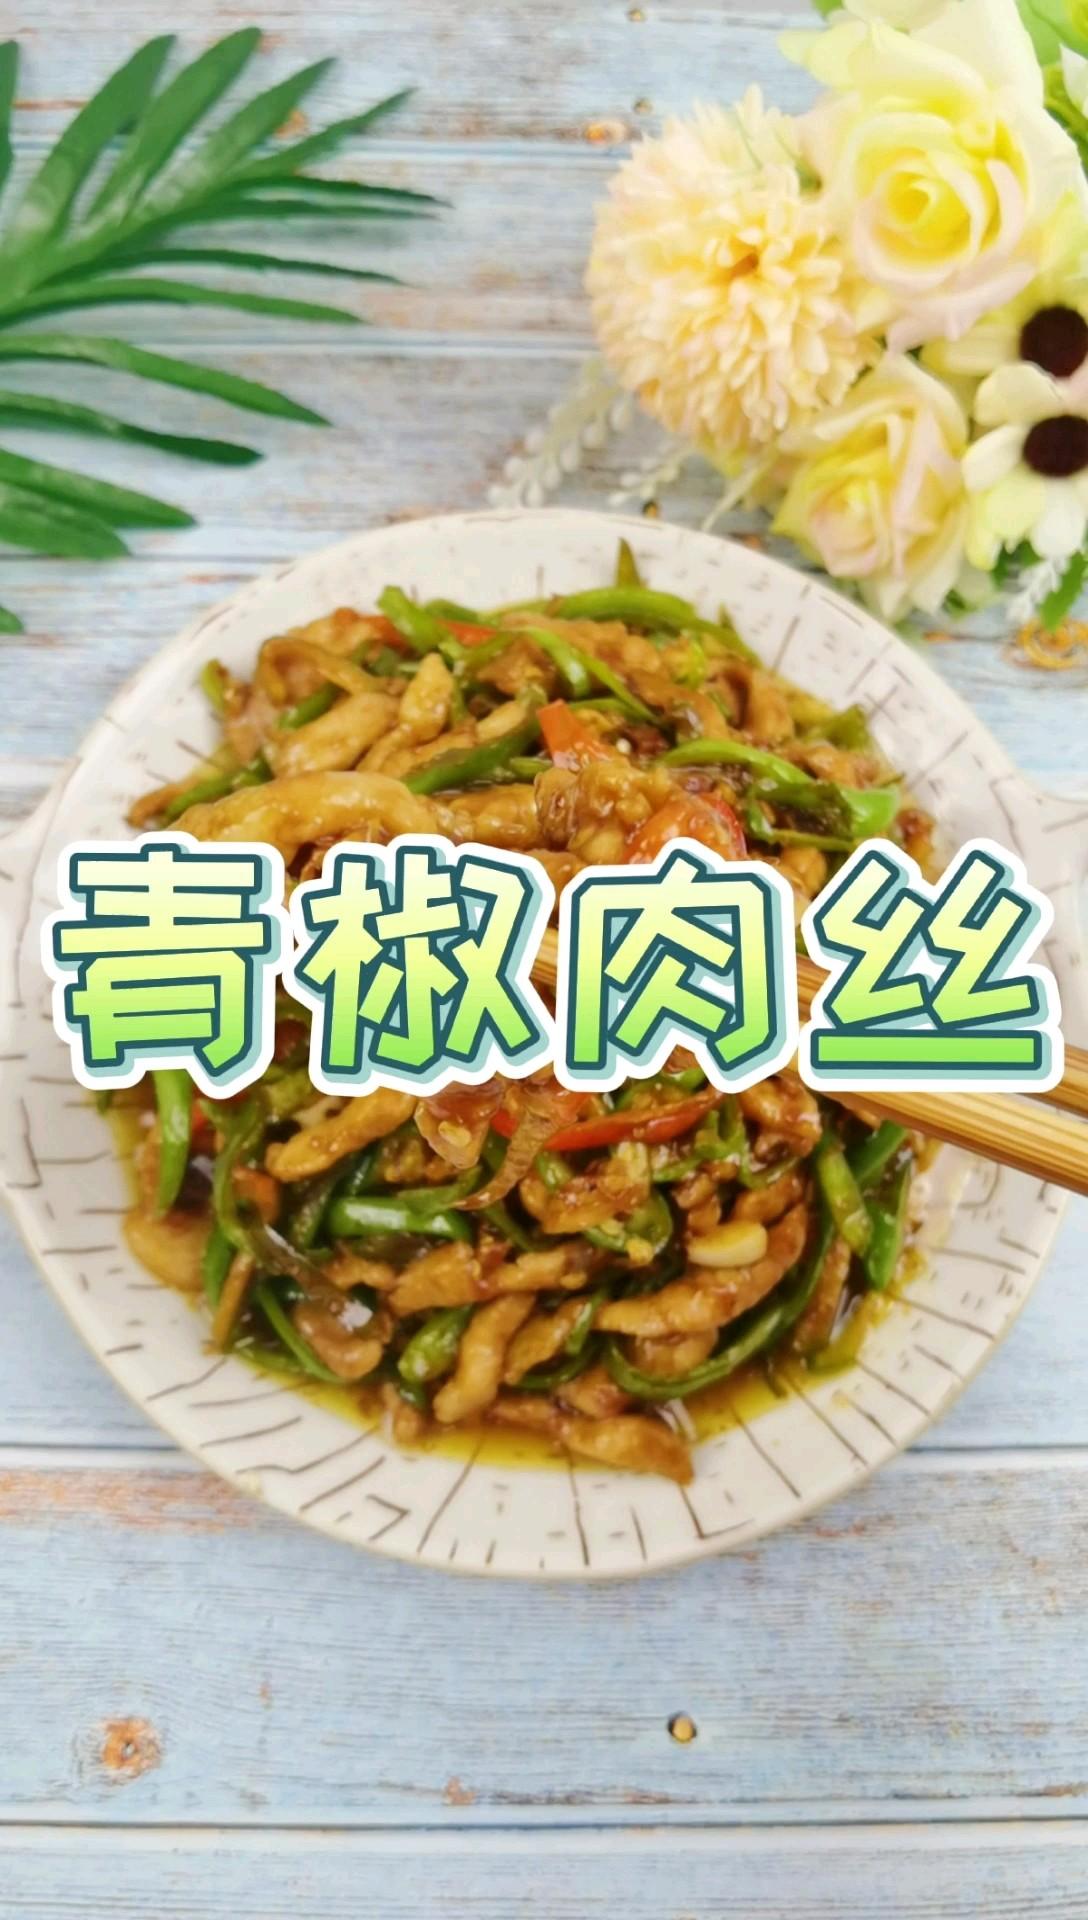 偷师大厨的拿手好菜-青椒肉丝,这菜一上桌,让你瞬间嘴角流眼泪